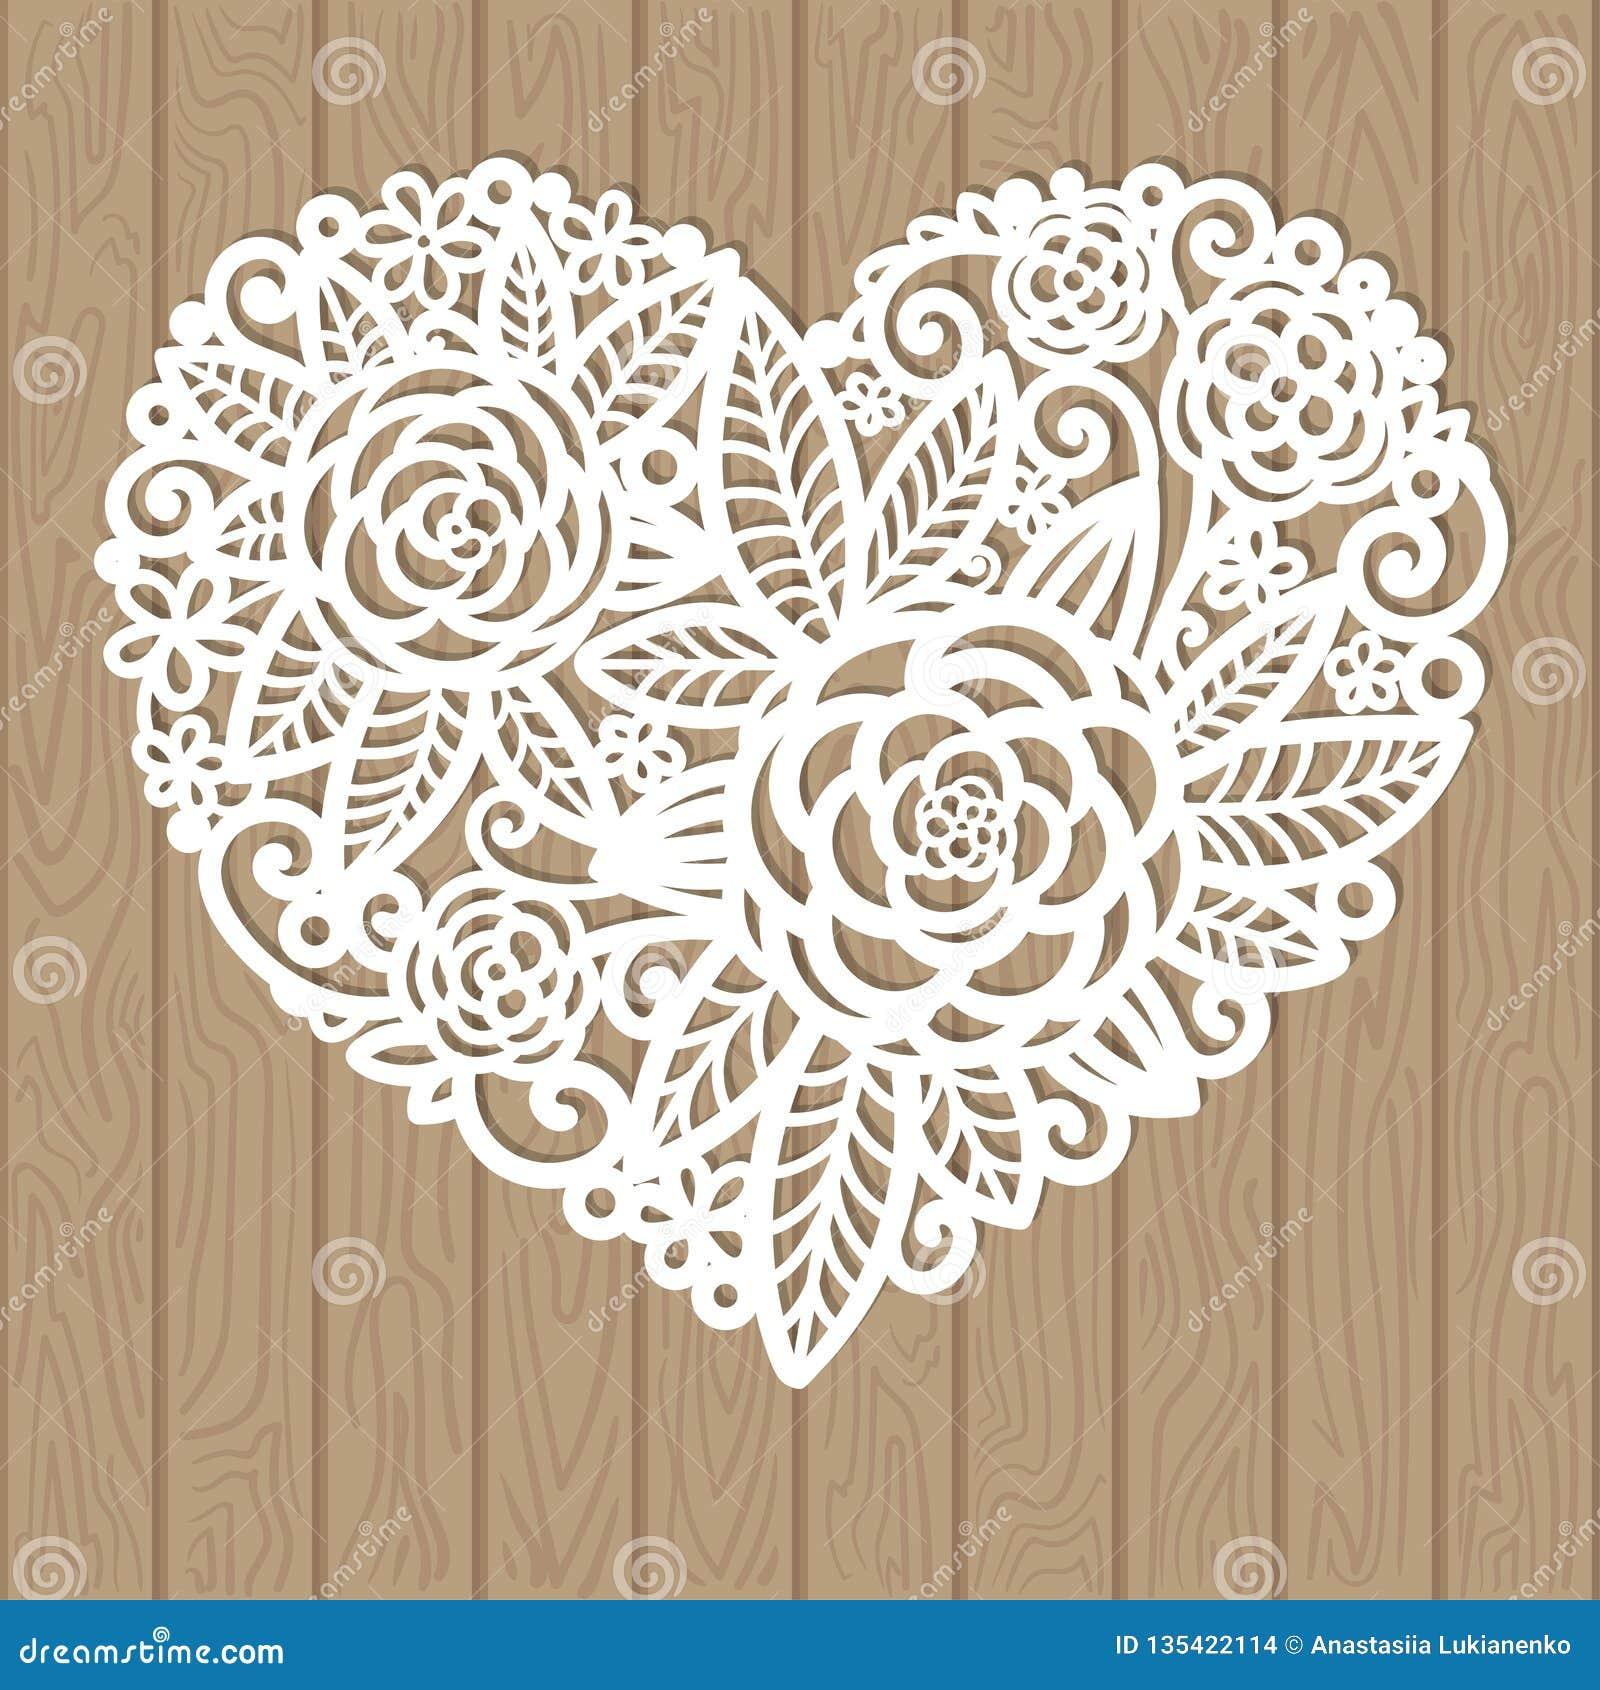 Openwork hart met bloemen Vector decoratief element